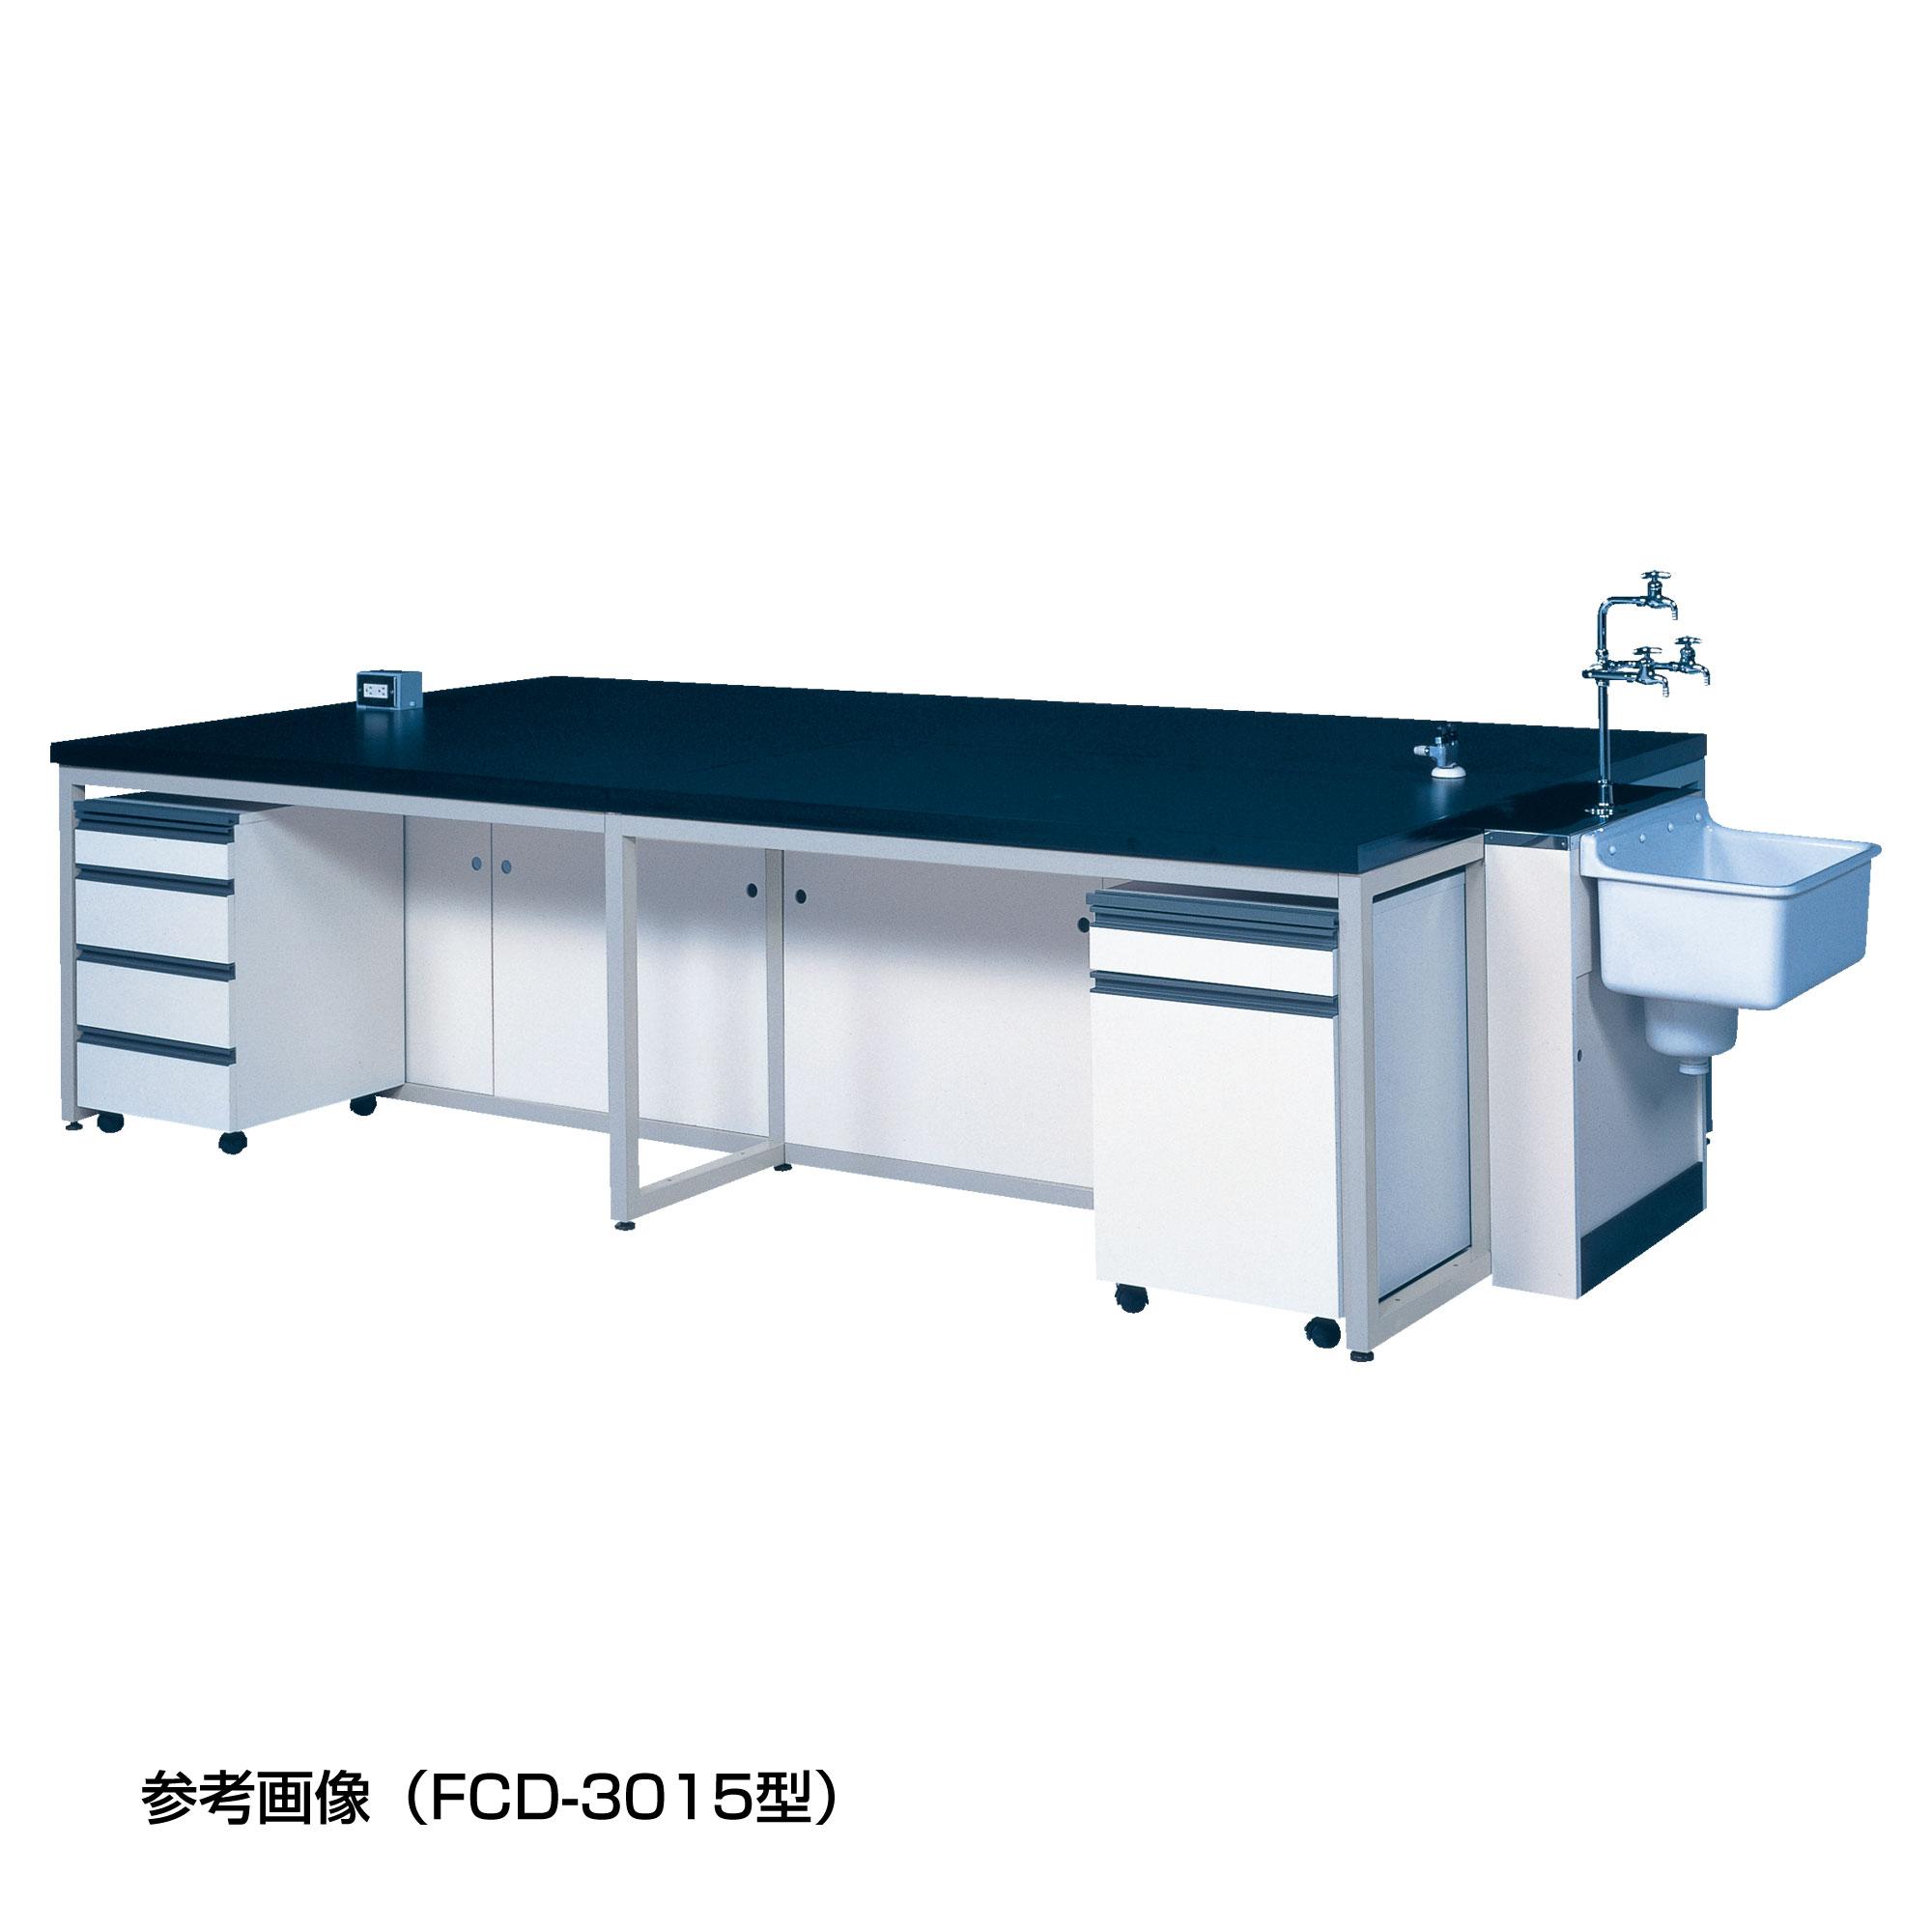 中央実験台 スチールフレーム製(ワゴンユニット・陶製流し付) FCDシリーズ